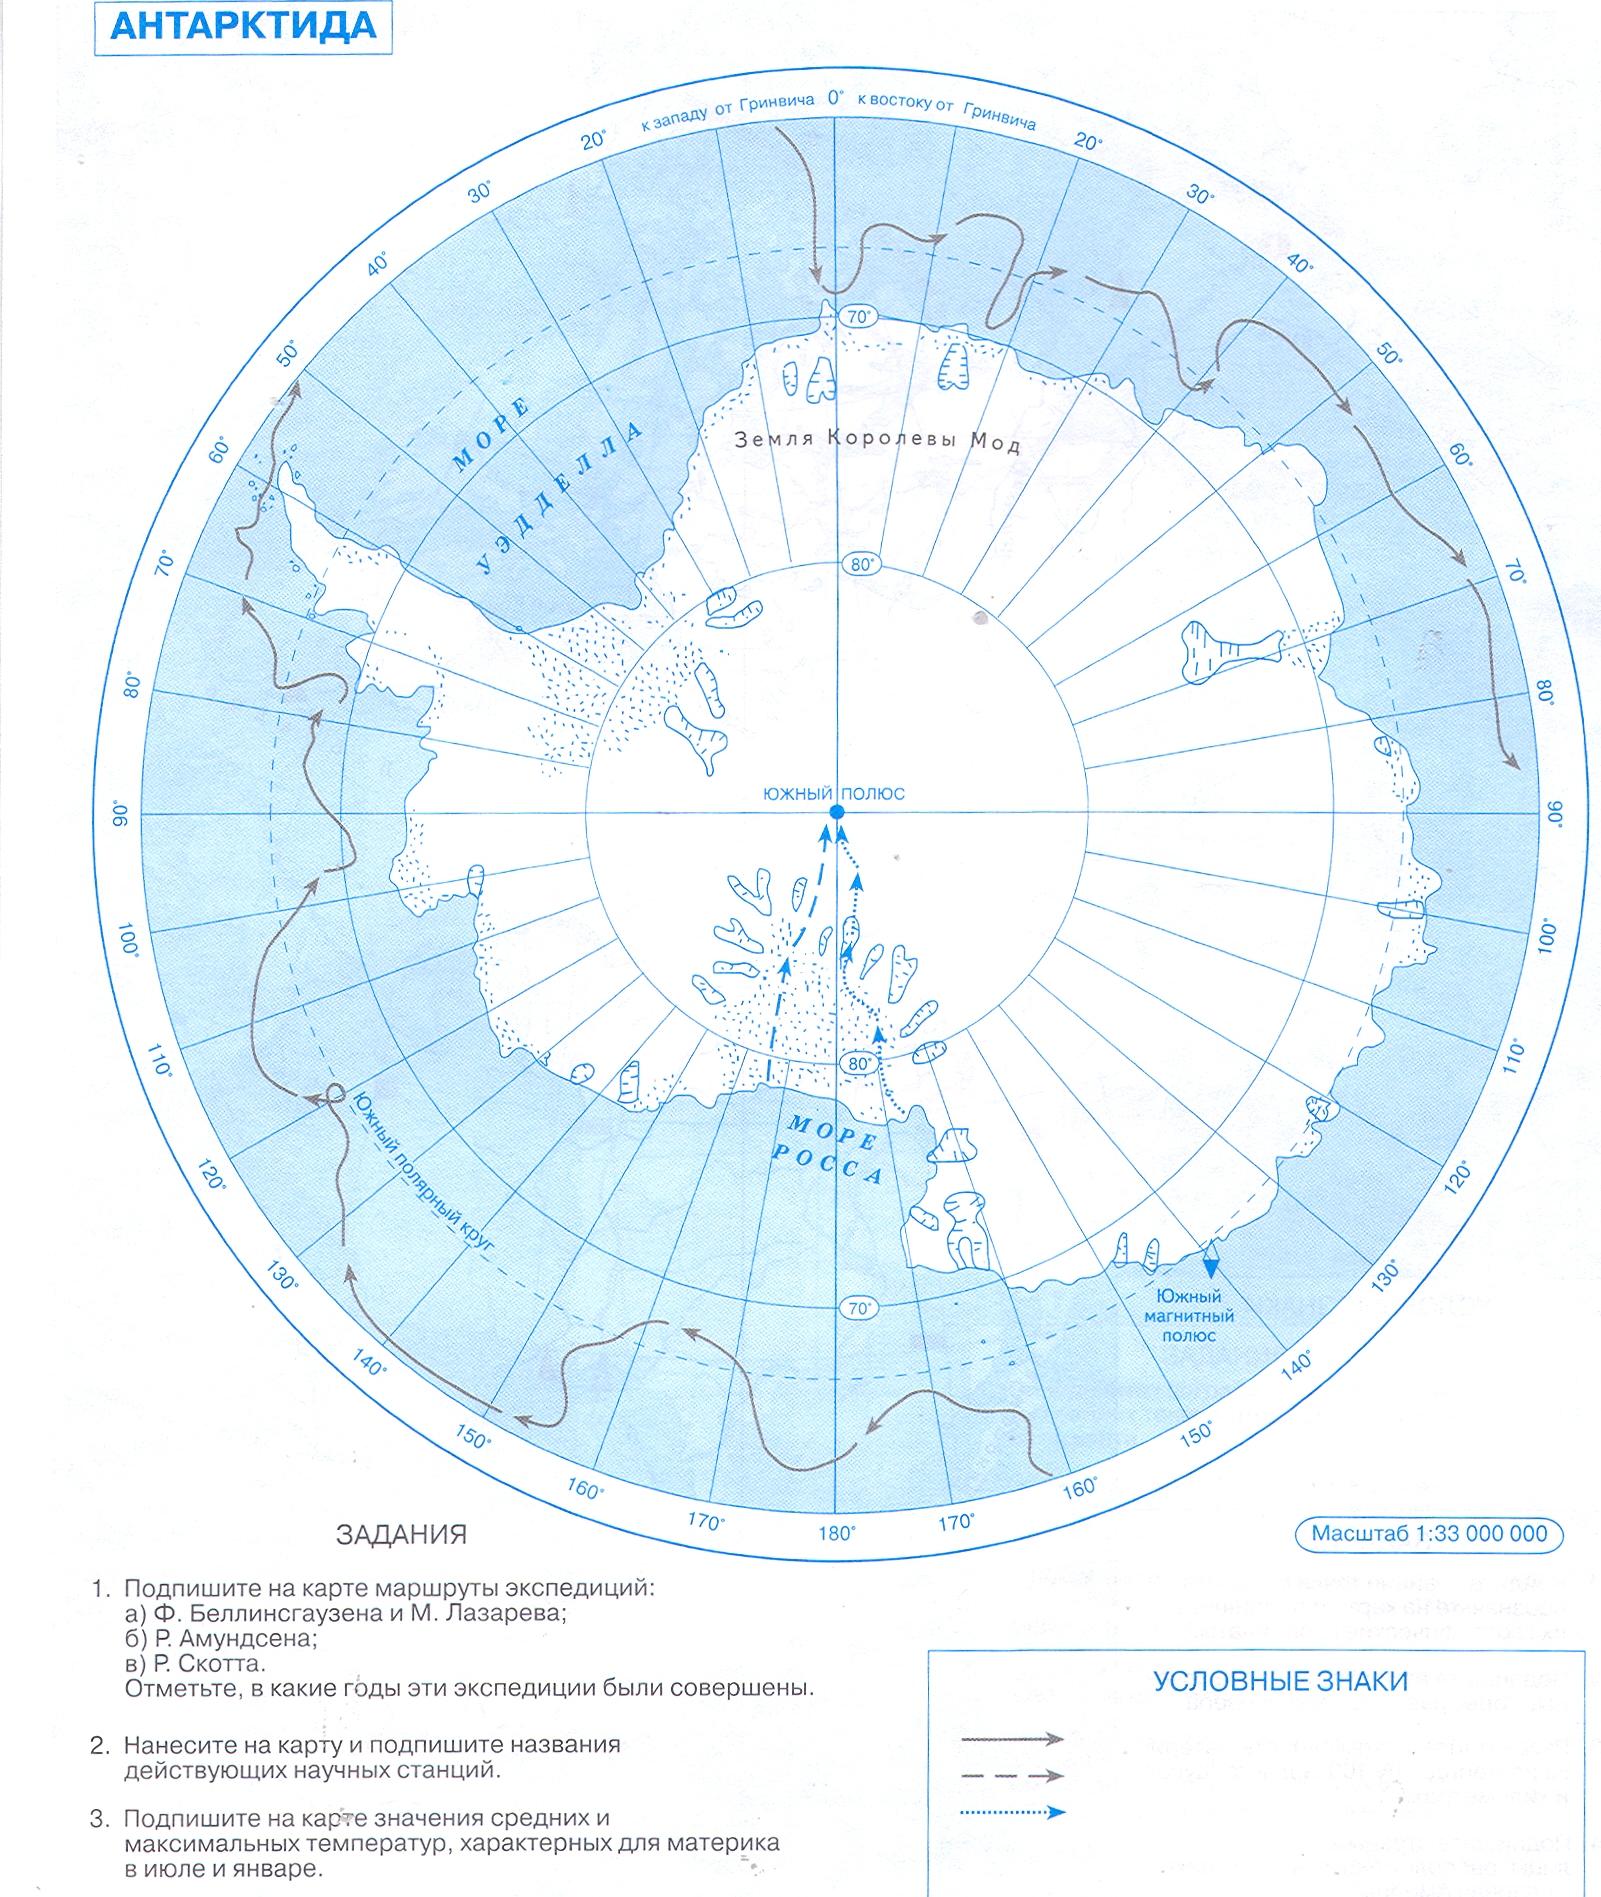 гдз география антарктида контурная карта